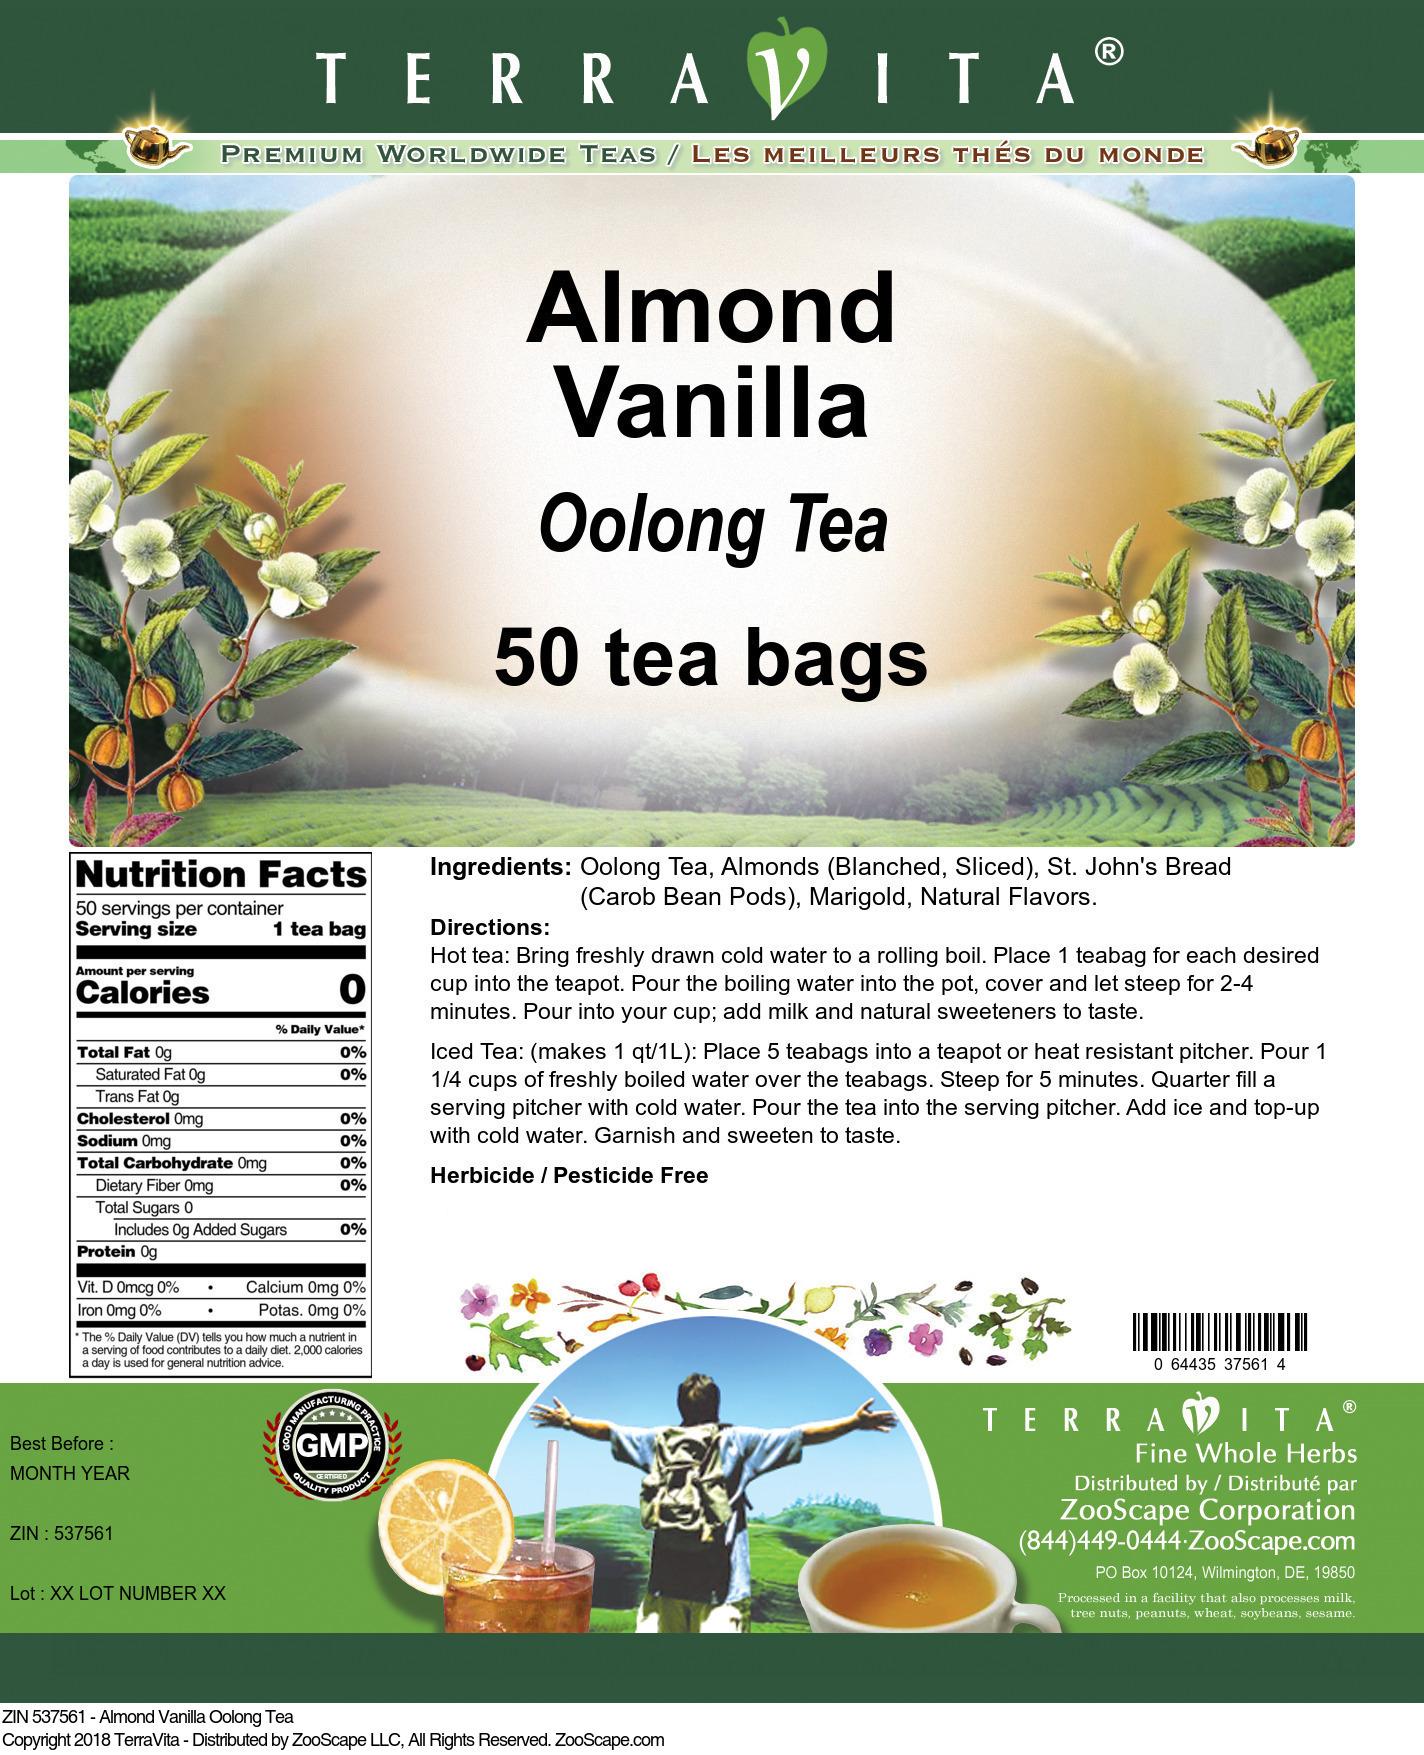 Almond Vanilla Oolong Tea